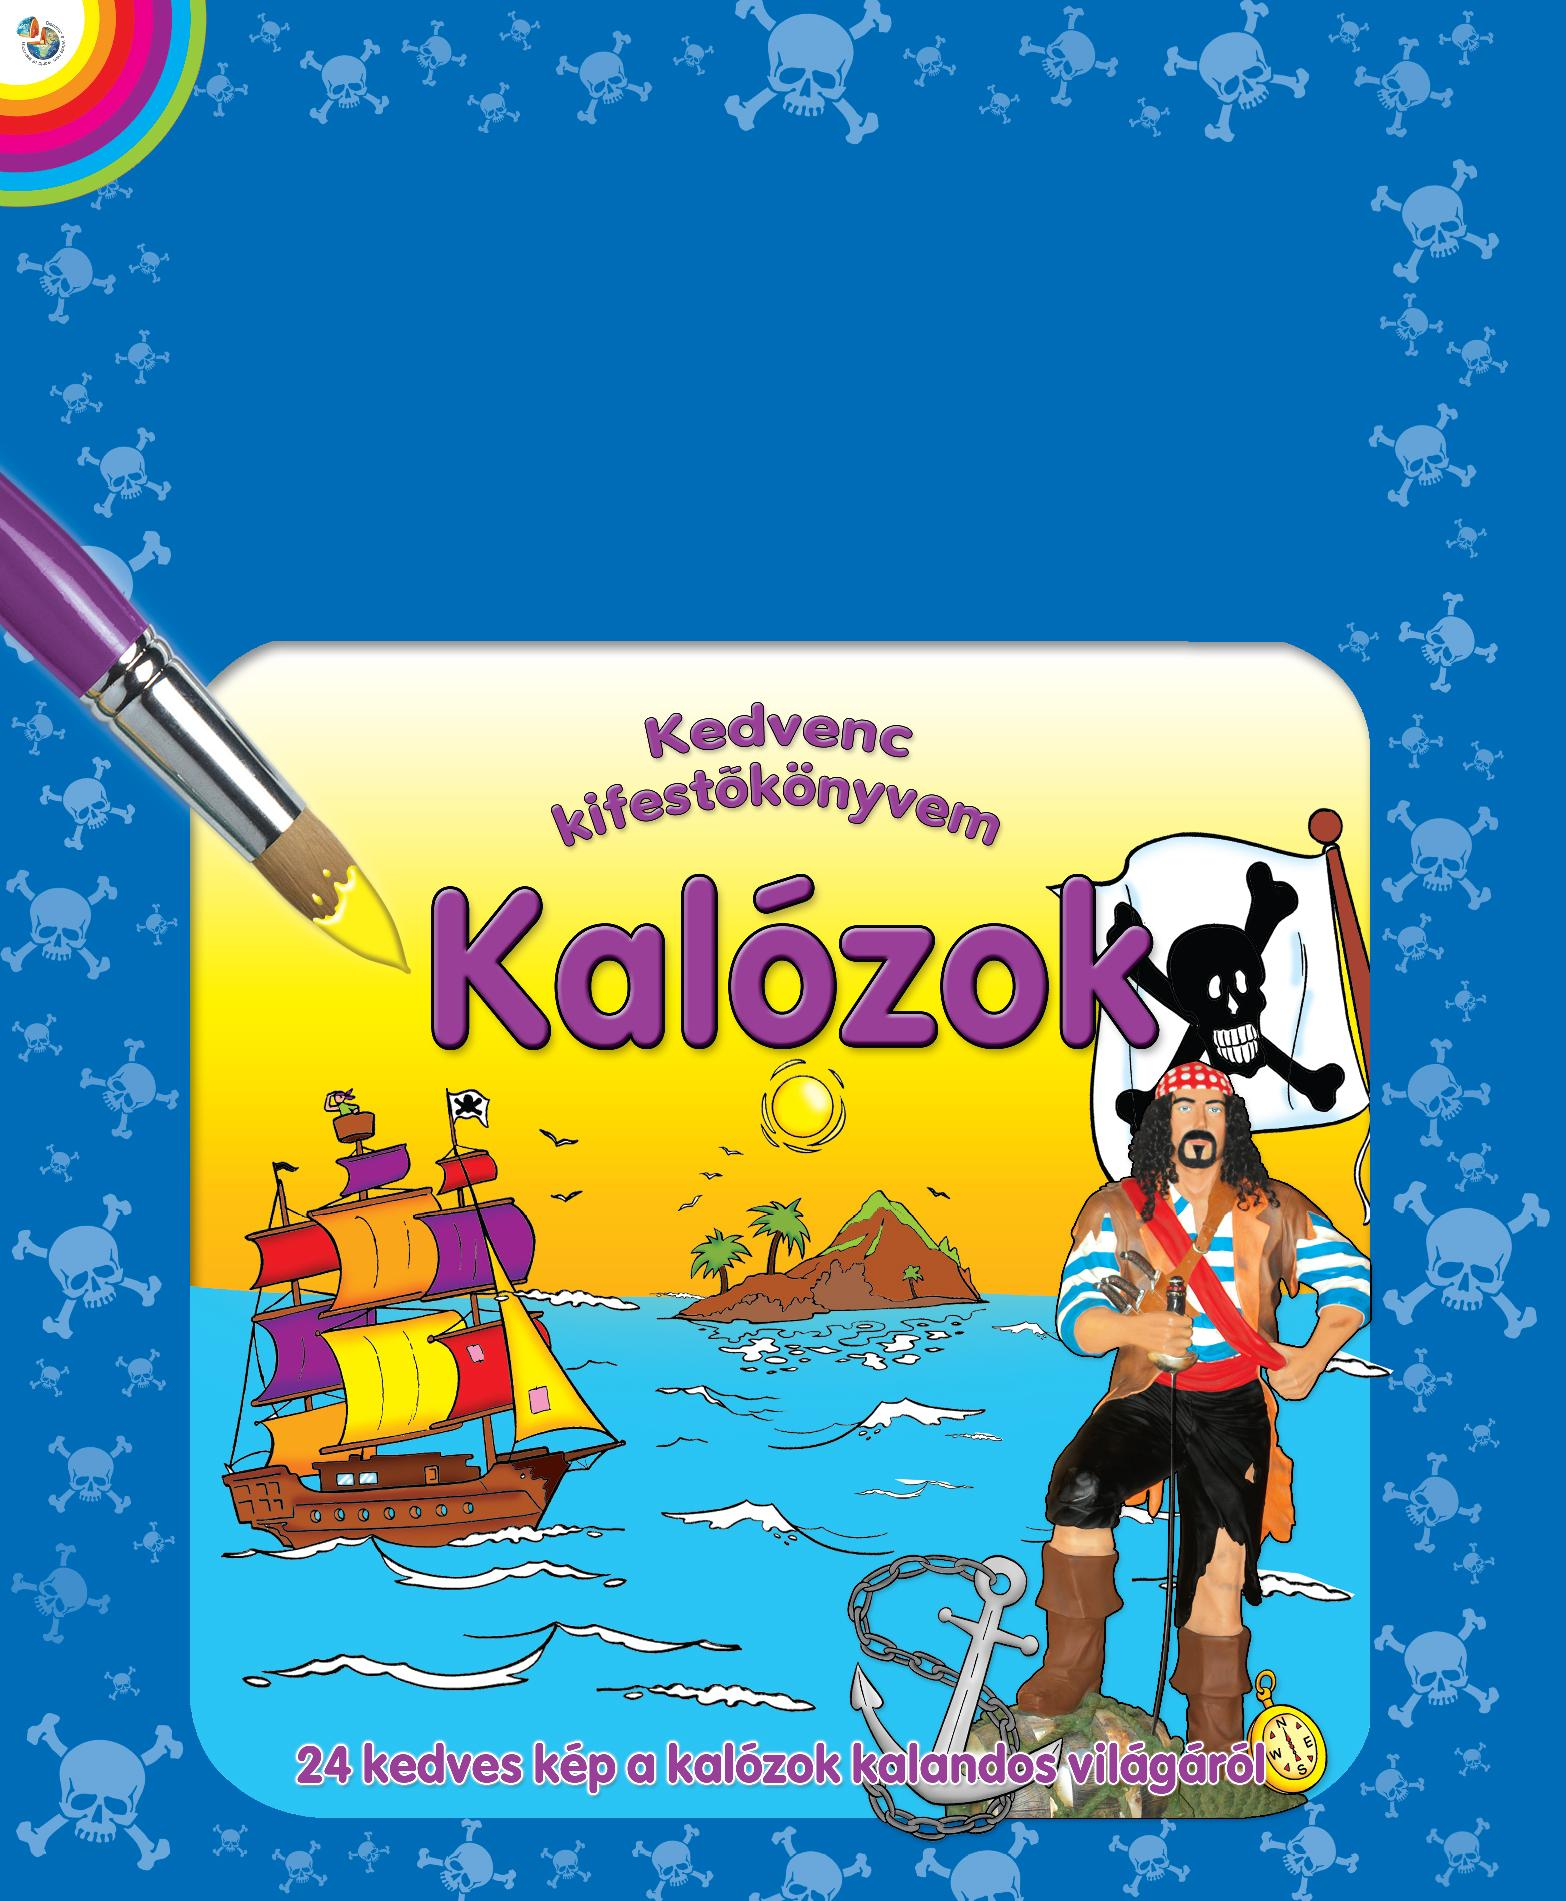 KALÓZOK - KEDVENC KIFESTŐKÖNYVEM